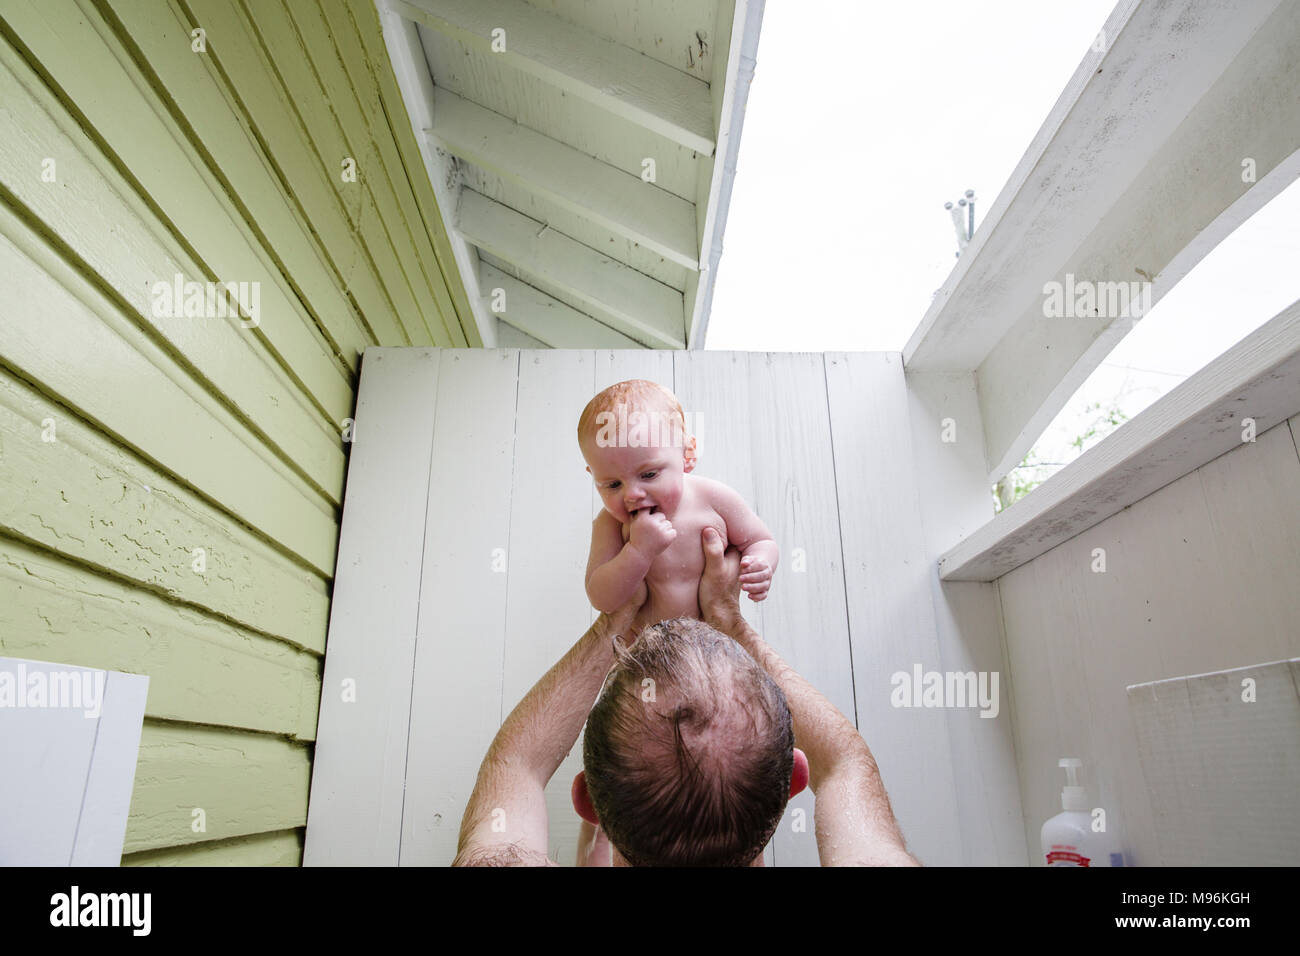 Hombre sujetando un bebé Imagen De Stock